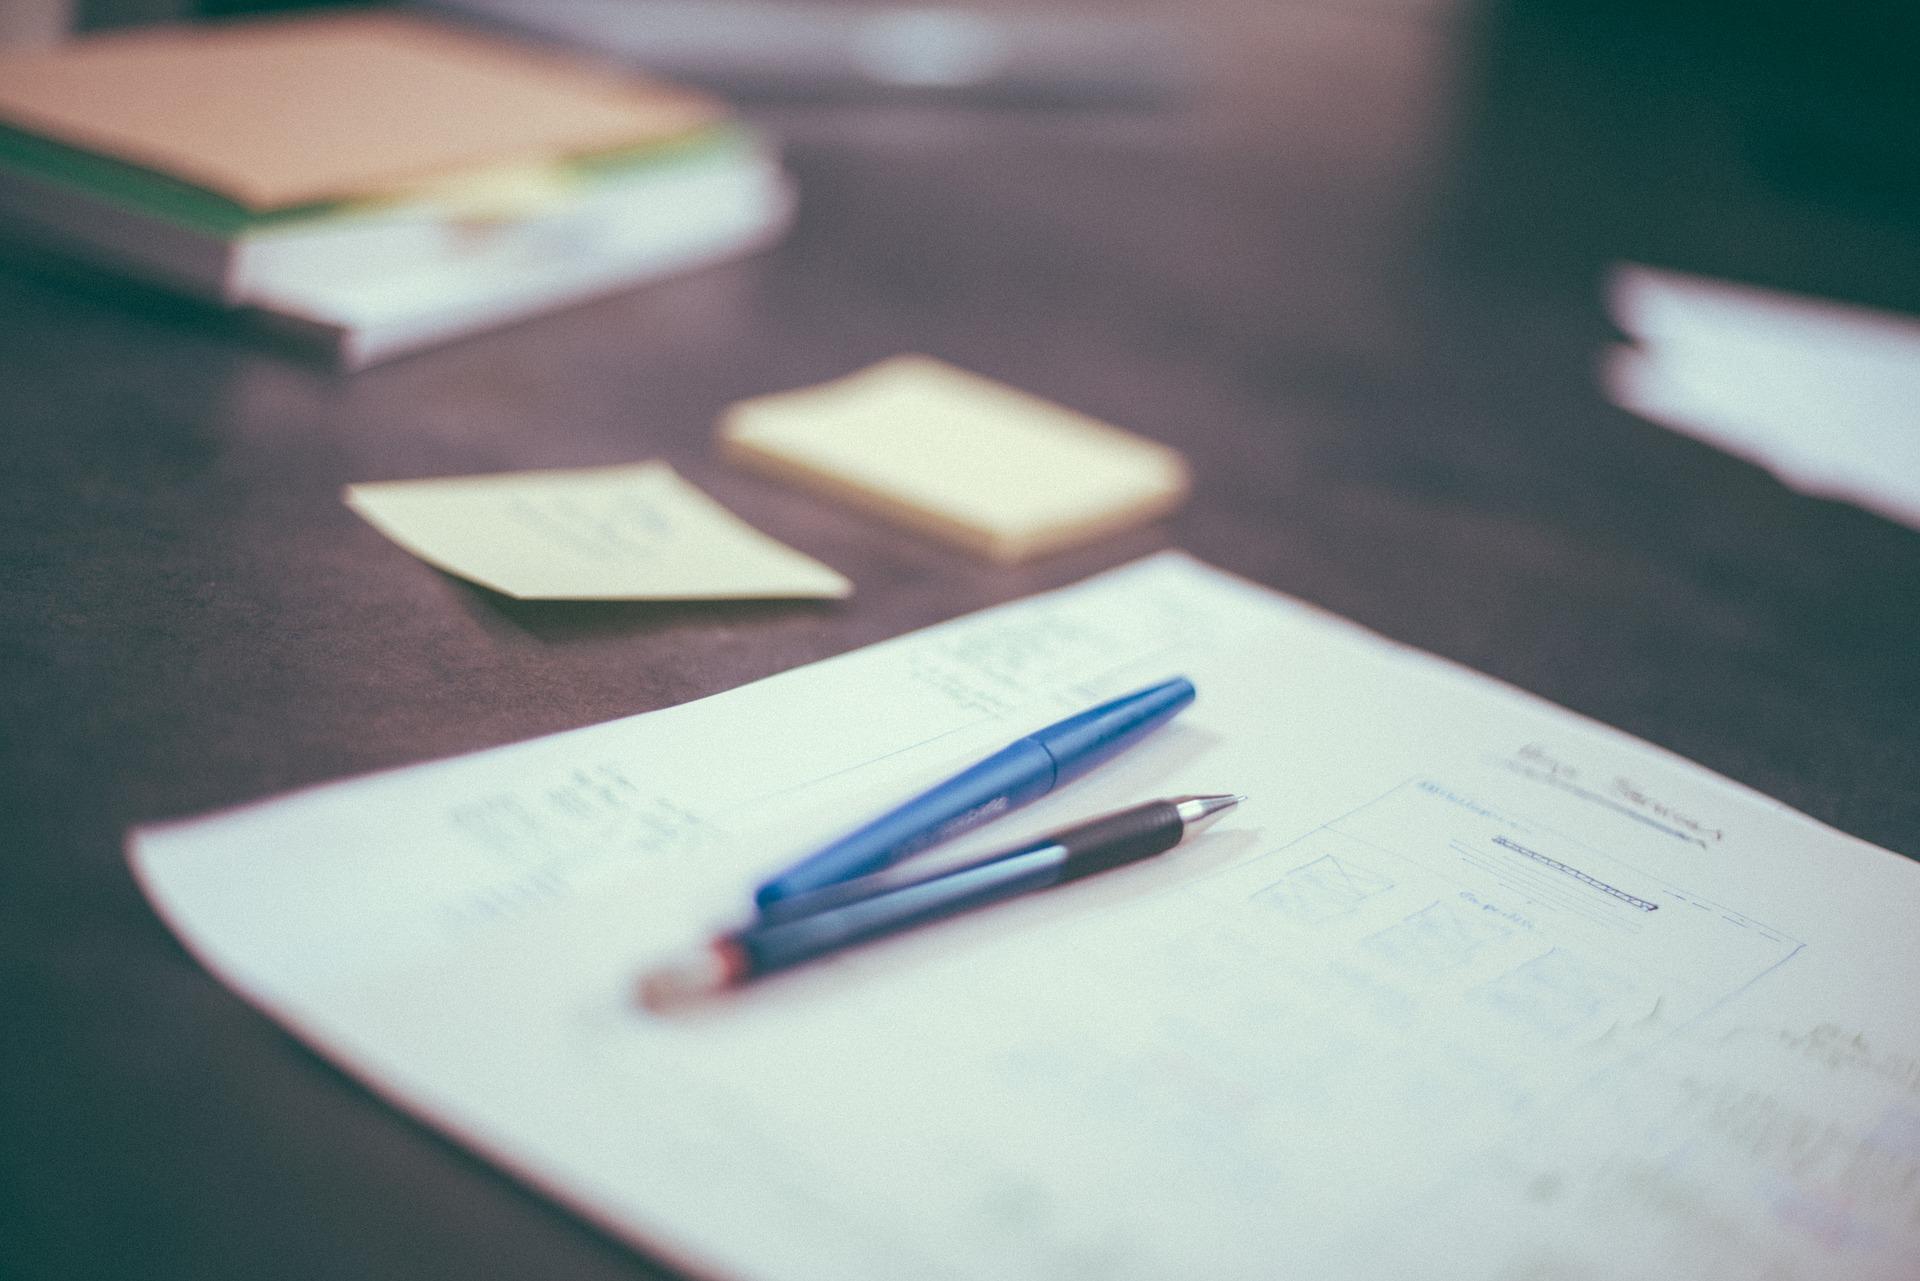 Algunos matices de formalización de documentos a la hora de acreditar una representación o filial de una compañía extranjera en Rusia. Matiz 1.